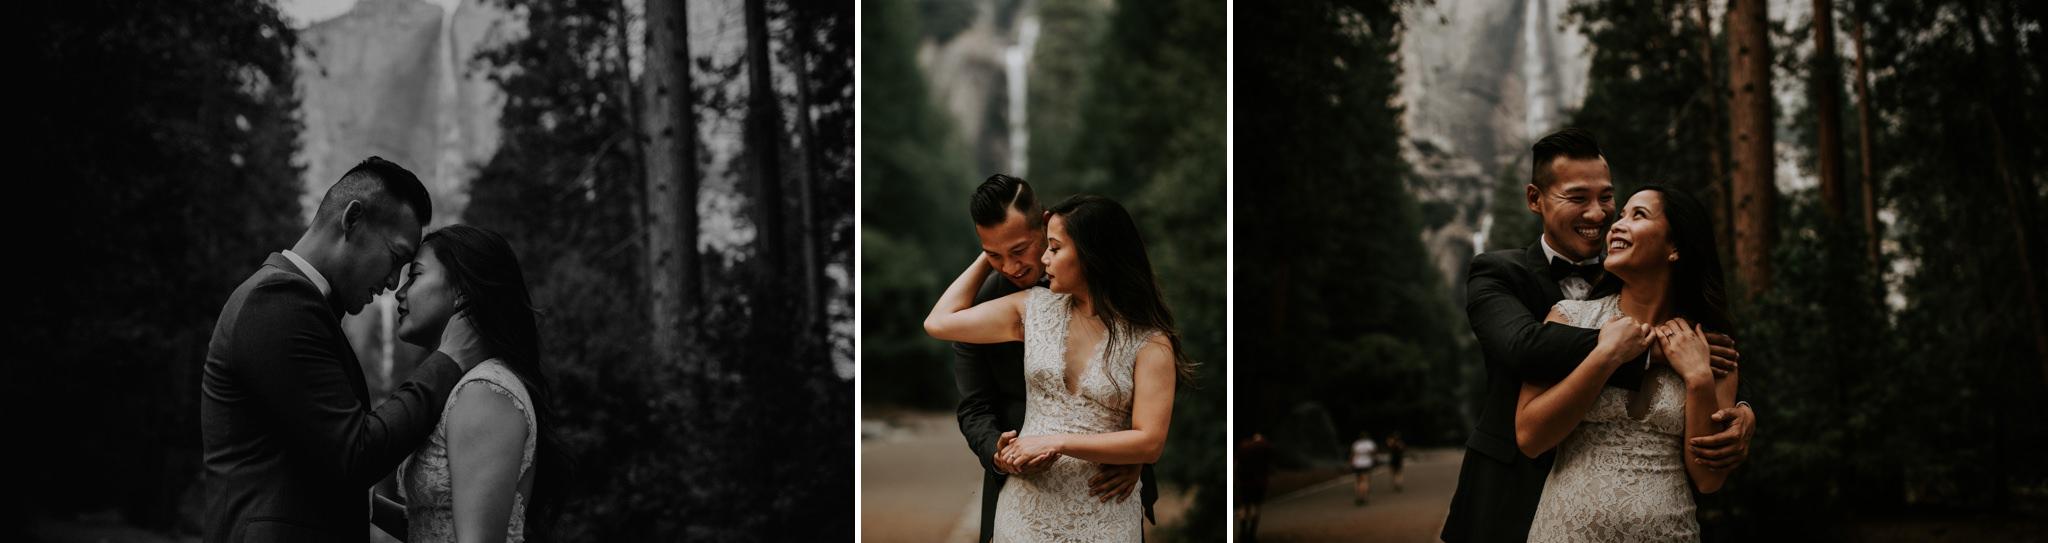 Yosemite-Elopement-Photographer9.jpg